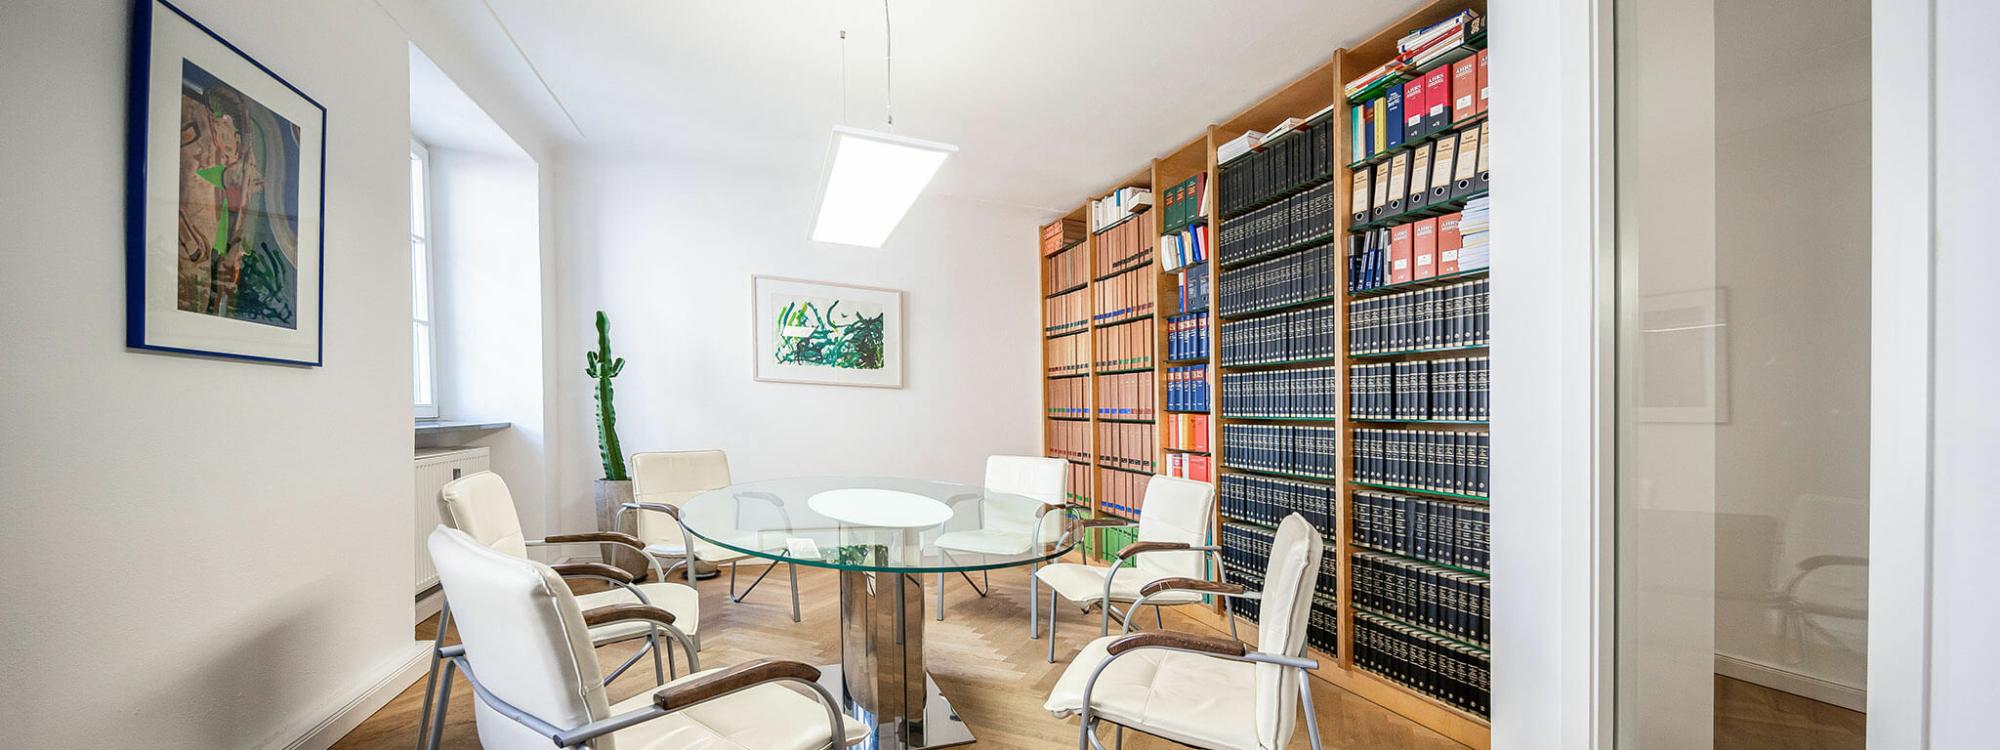 Formulare | Schima Rechtsanwälte in Passau